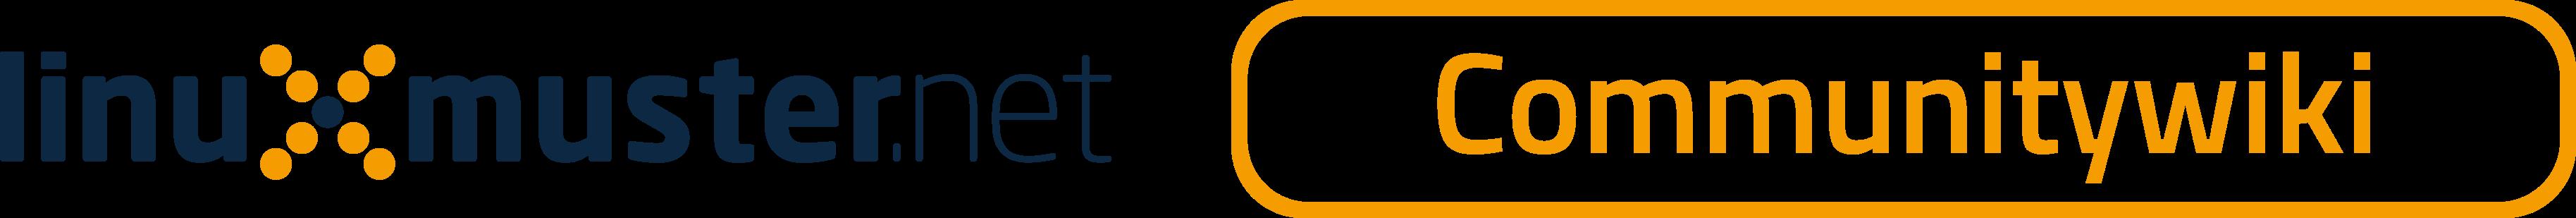 Apache Ssl Verschlüsselung Aktivieren Communitywiki